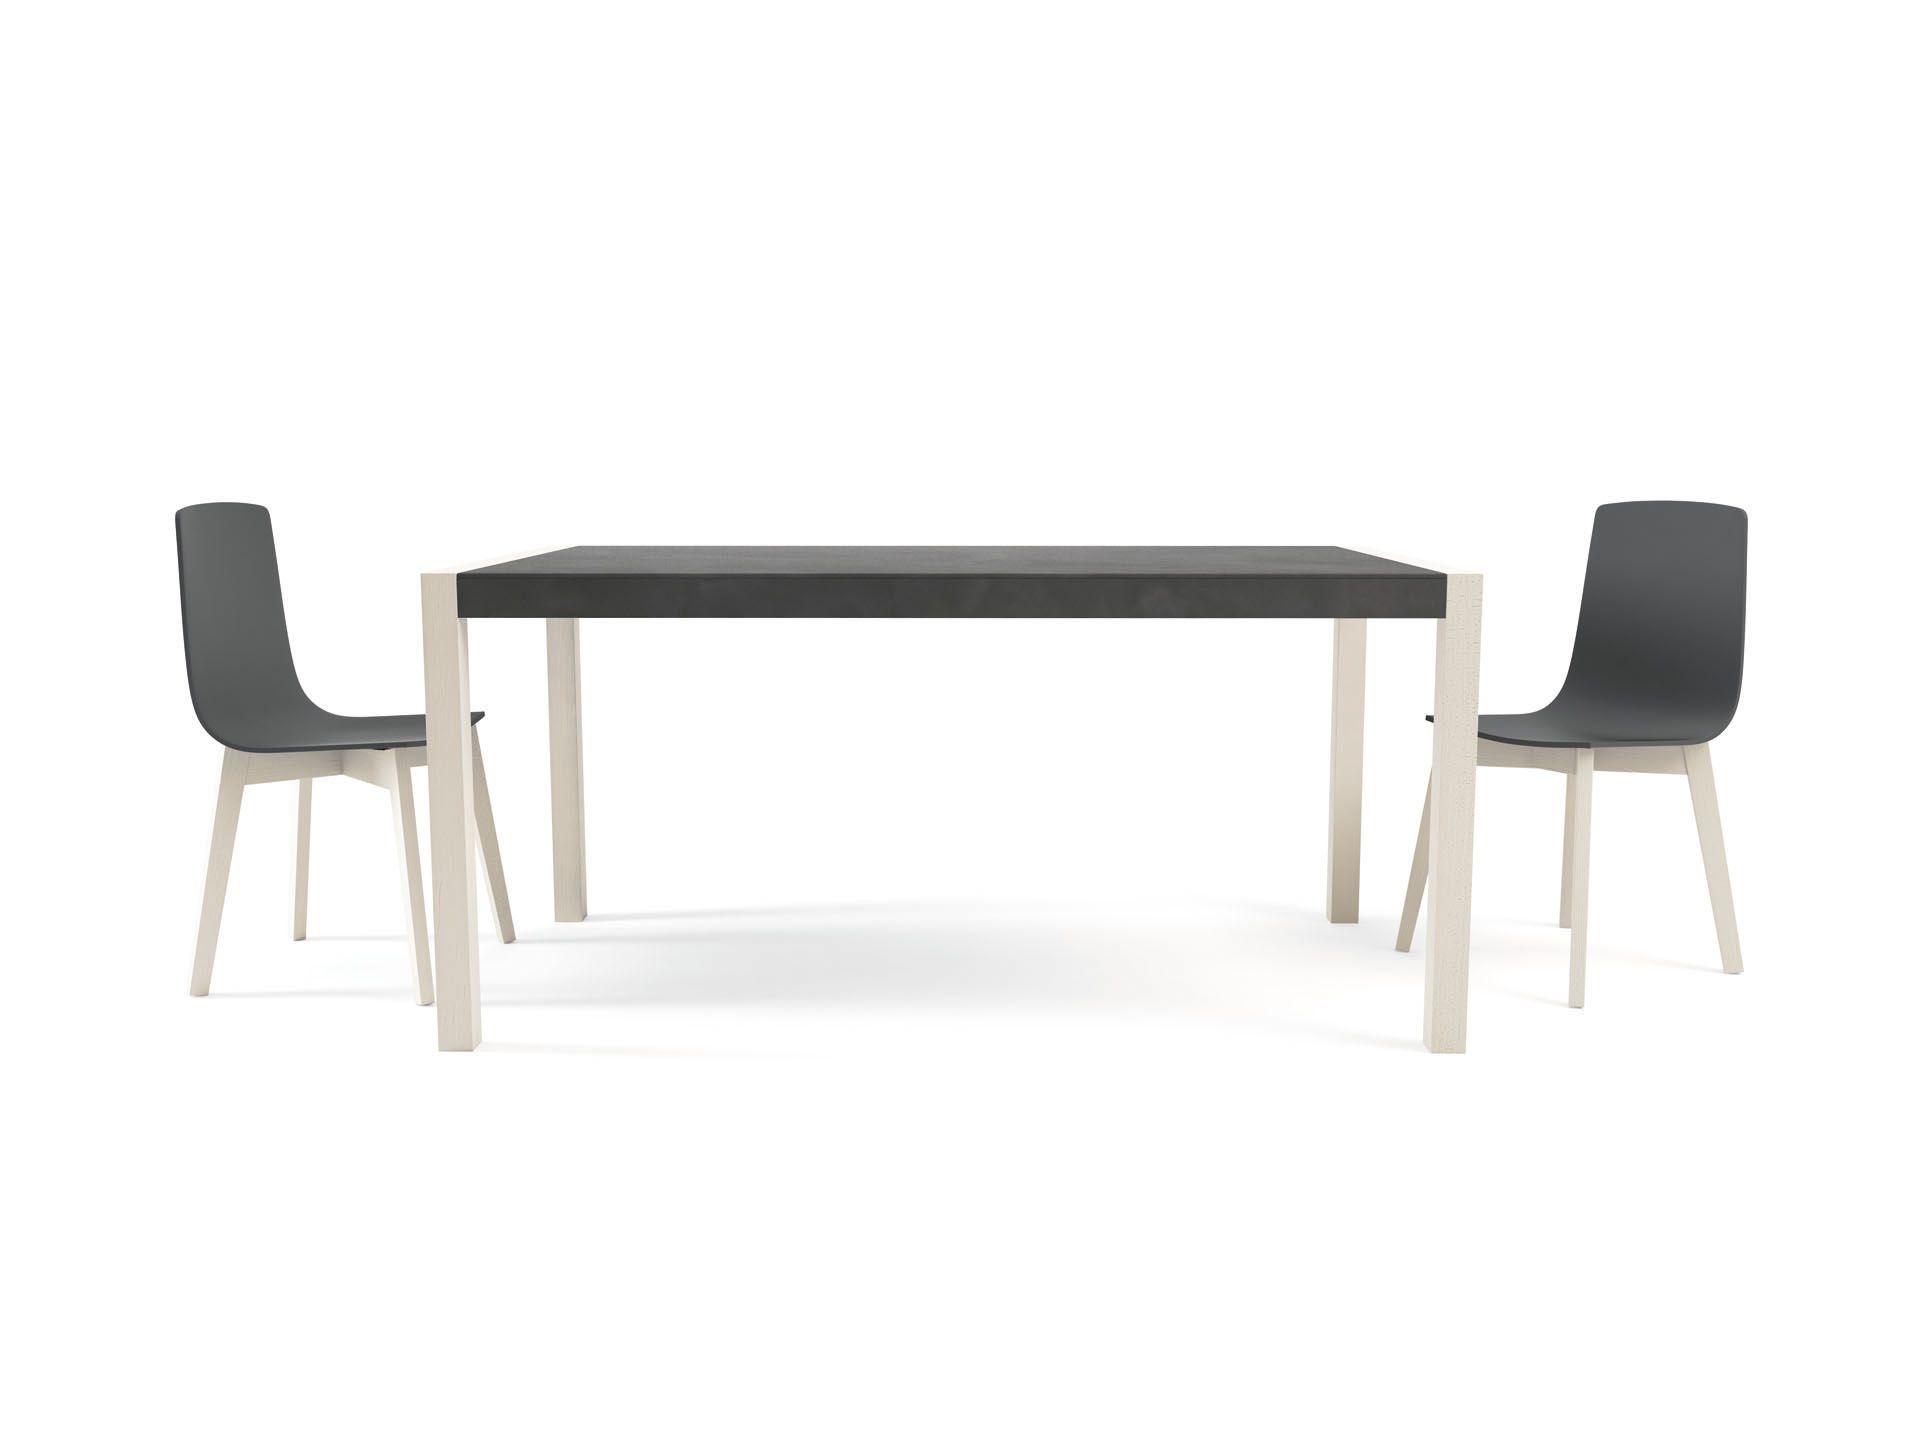 Mesa Concept de Cancio en Muebles Mobel K6 www.mueblesmobelk6.es ...